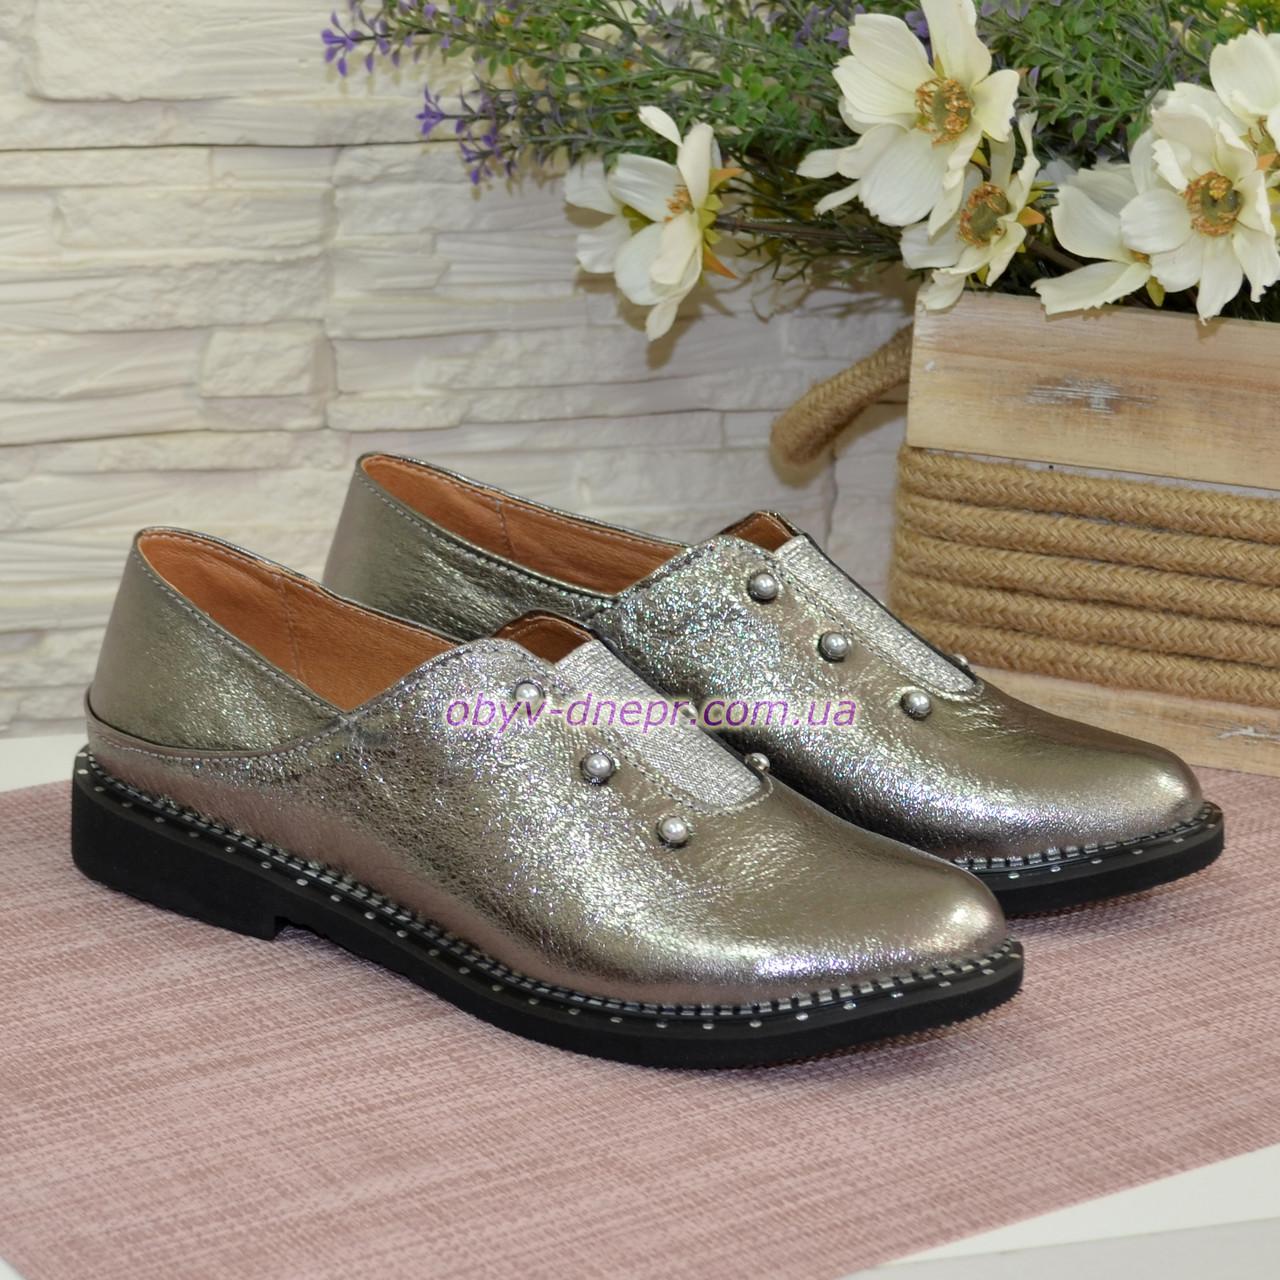 Женские кожаные туфли на низком ходу, цвет платина